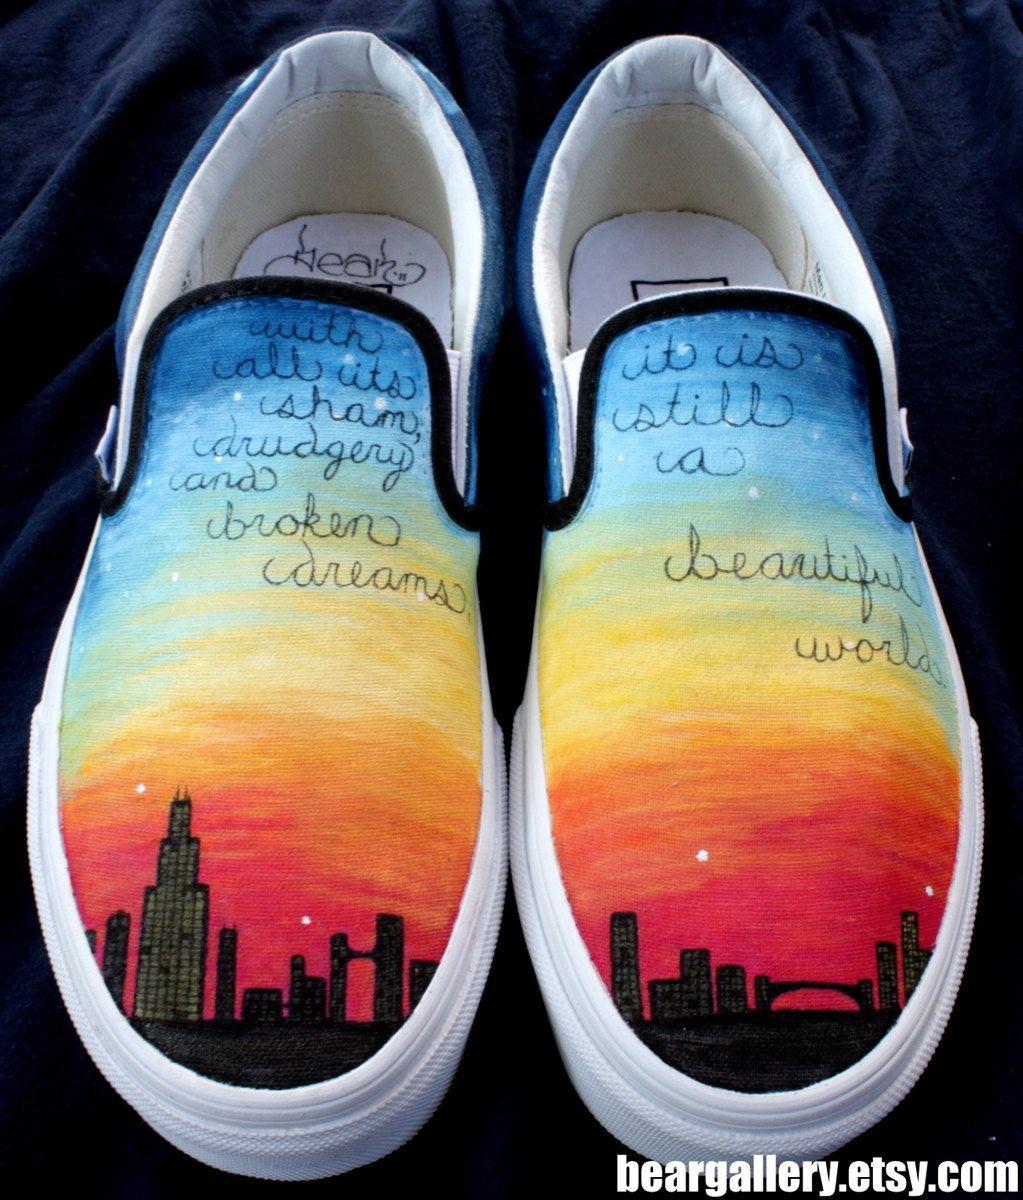 23a158d898 Custom Painted Camo Bape Vans - Camo Bape Old Skools - Camo Shoes in ...